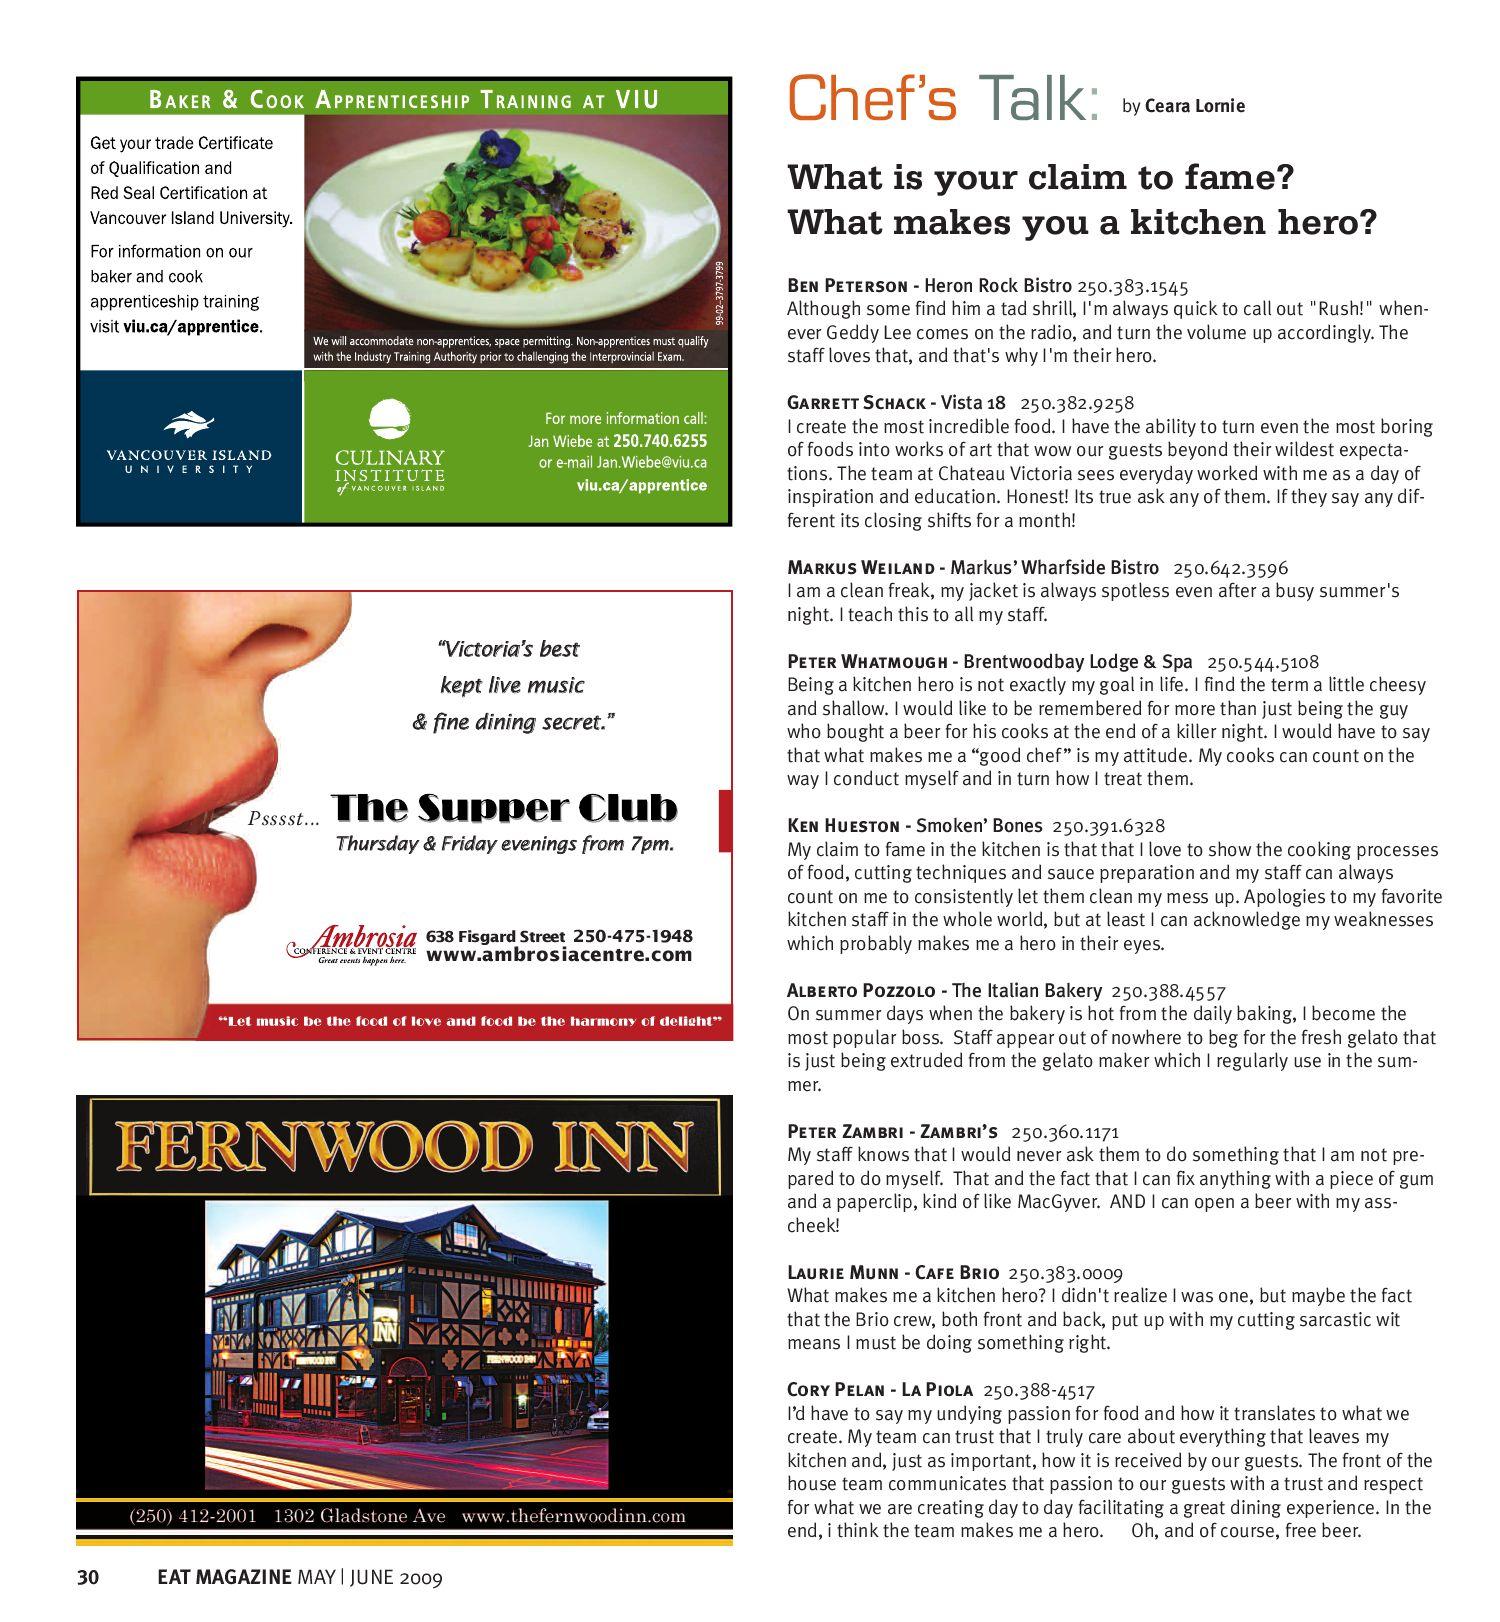 EAT Magazine May